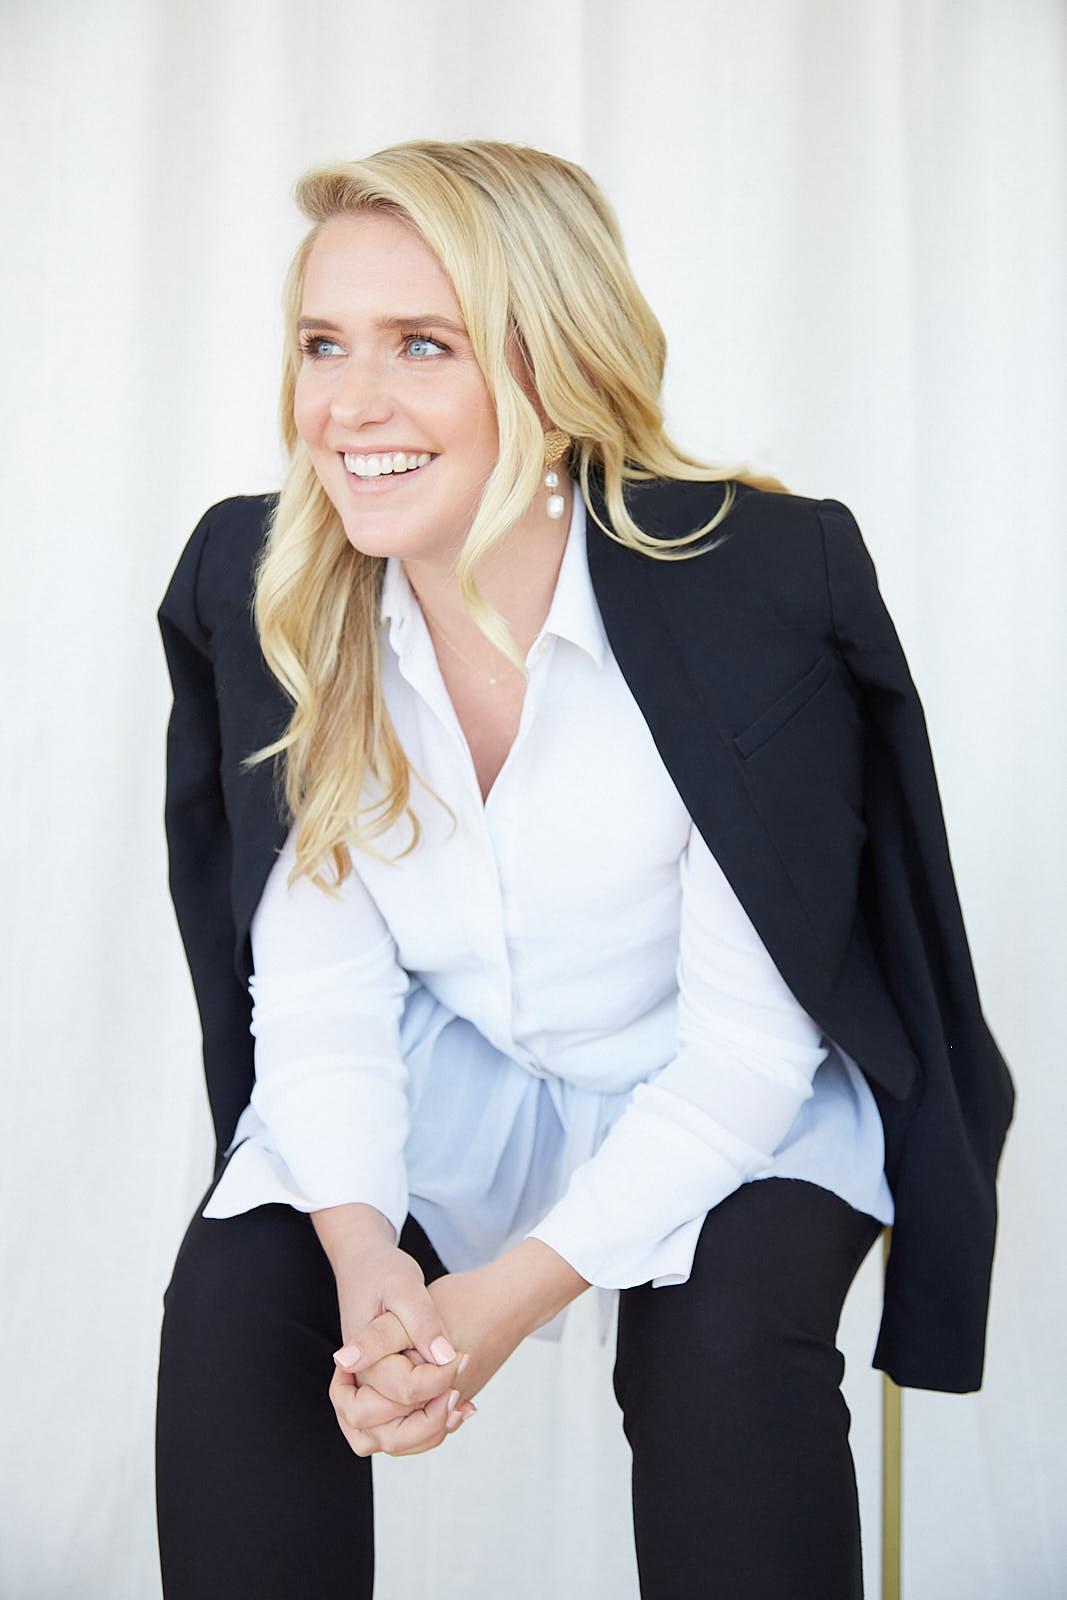 Caroline Heslop - Director & Founder - Brand Marketer, strategist and project manager